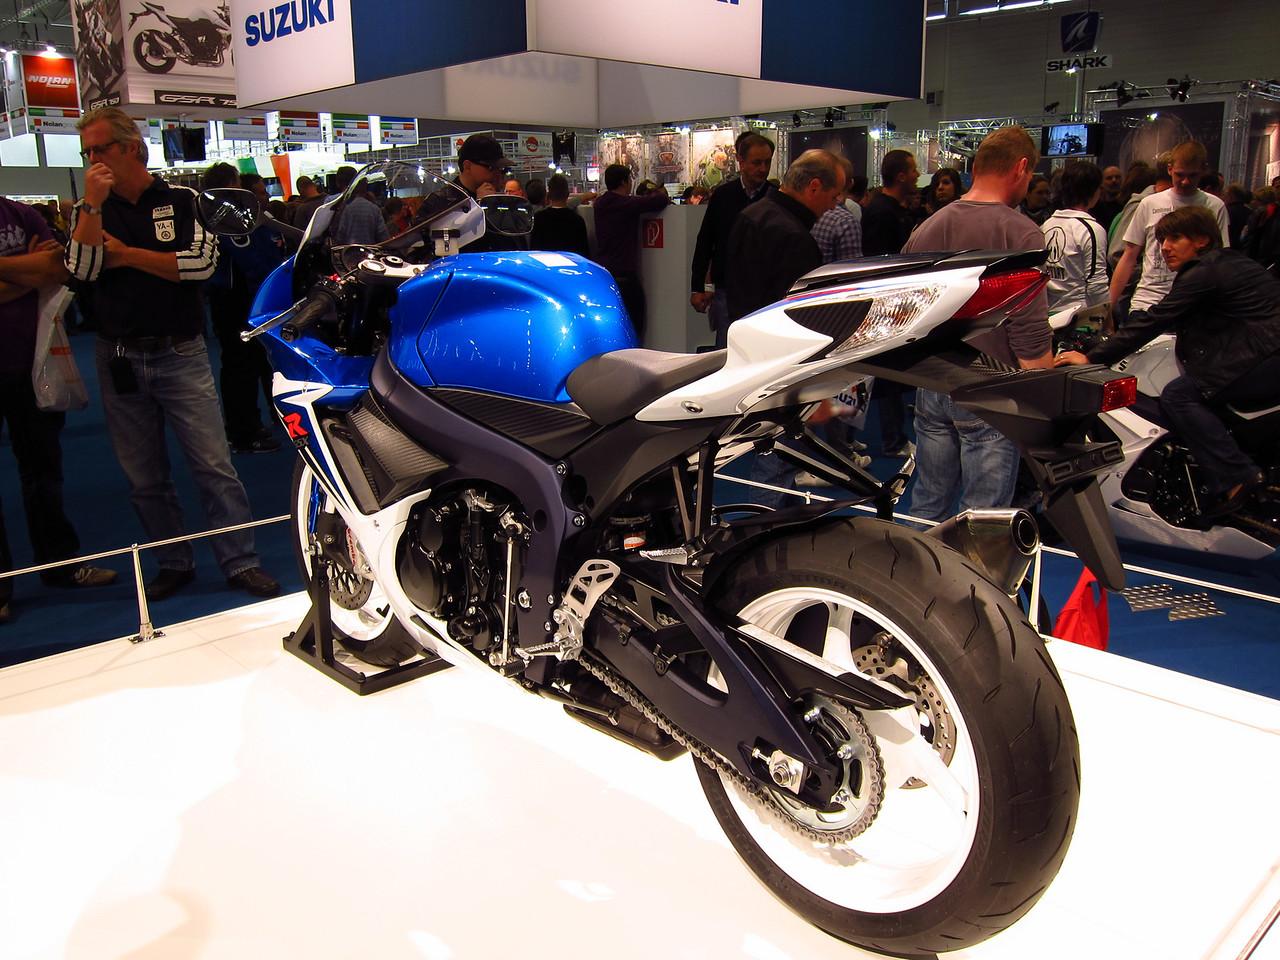 2011 SUZUKI GSX-R - Σελίδα 3 1041863538_uNq5u-X2